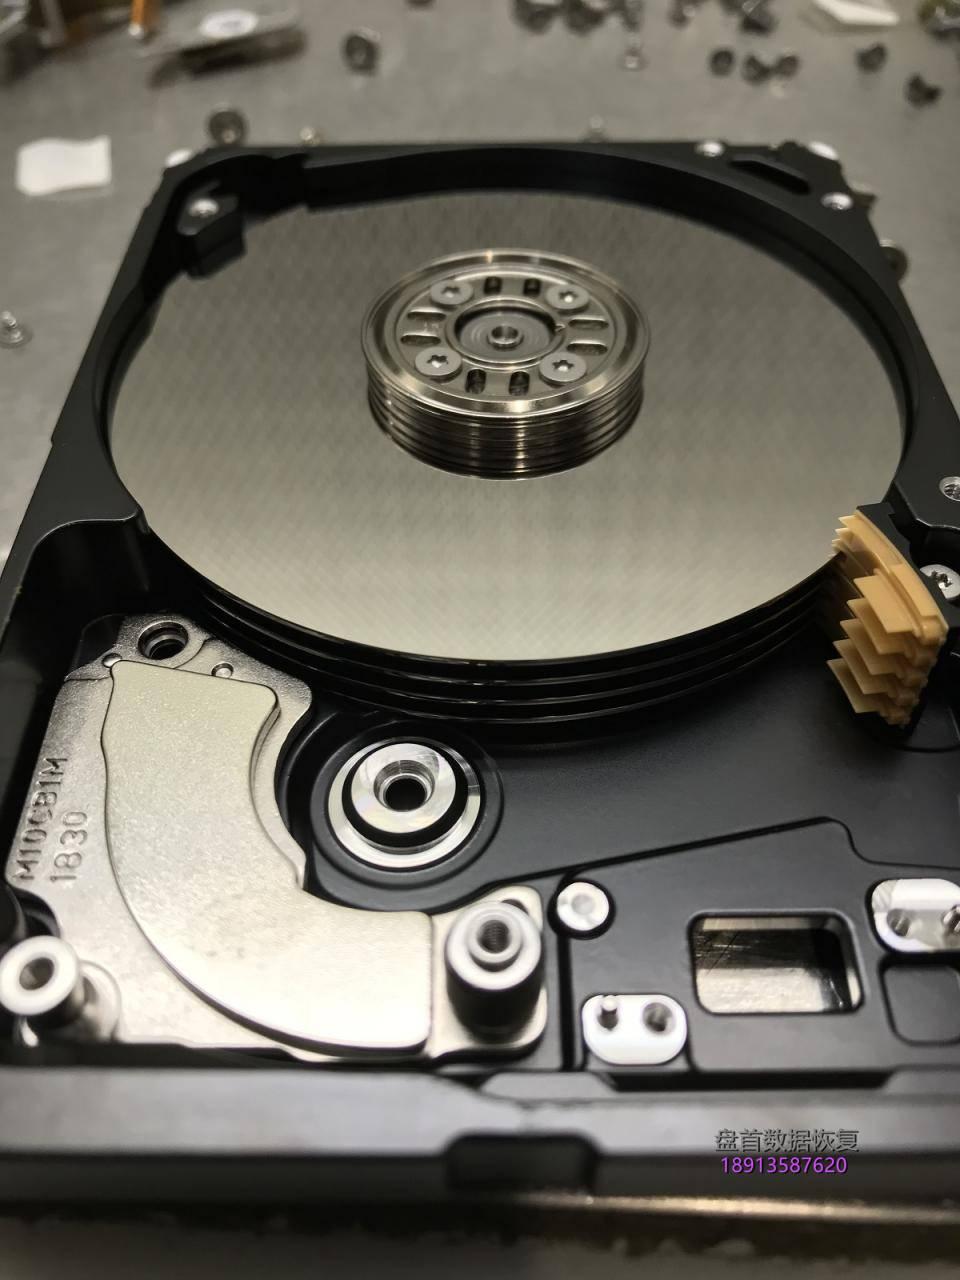 st4000lm024希捷4t移动硬盘摔坏导致磁头变形通电尝试后电-31 ST4000LM024希捷4T移动硬盘摔坏导致磁头变形通电尝试后电机停转,数据恢复成功